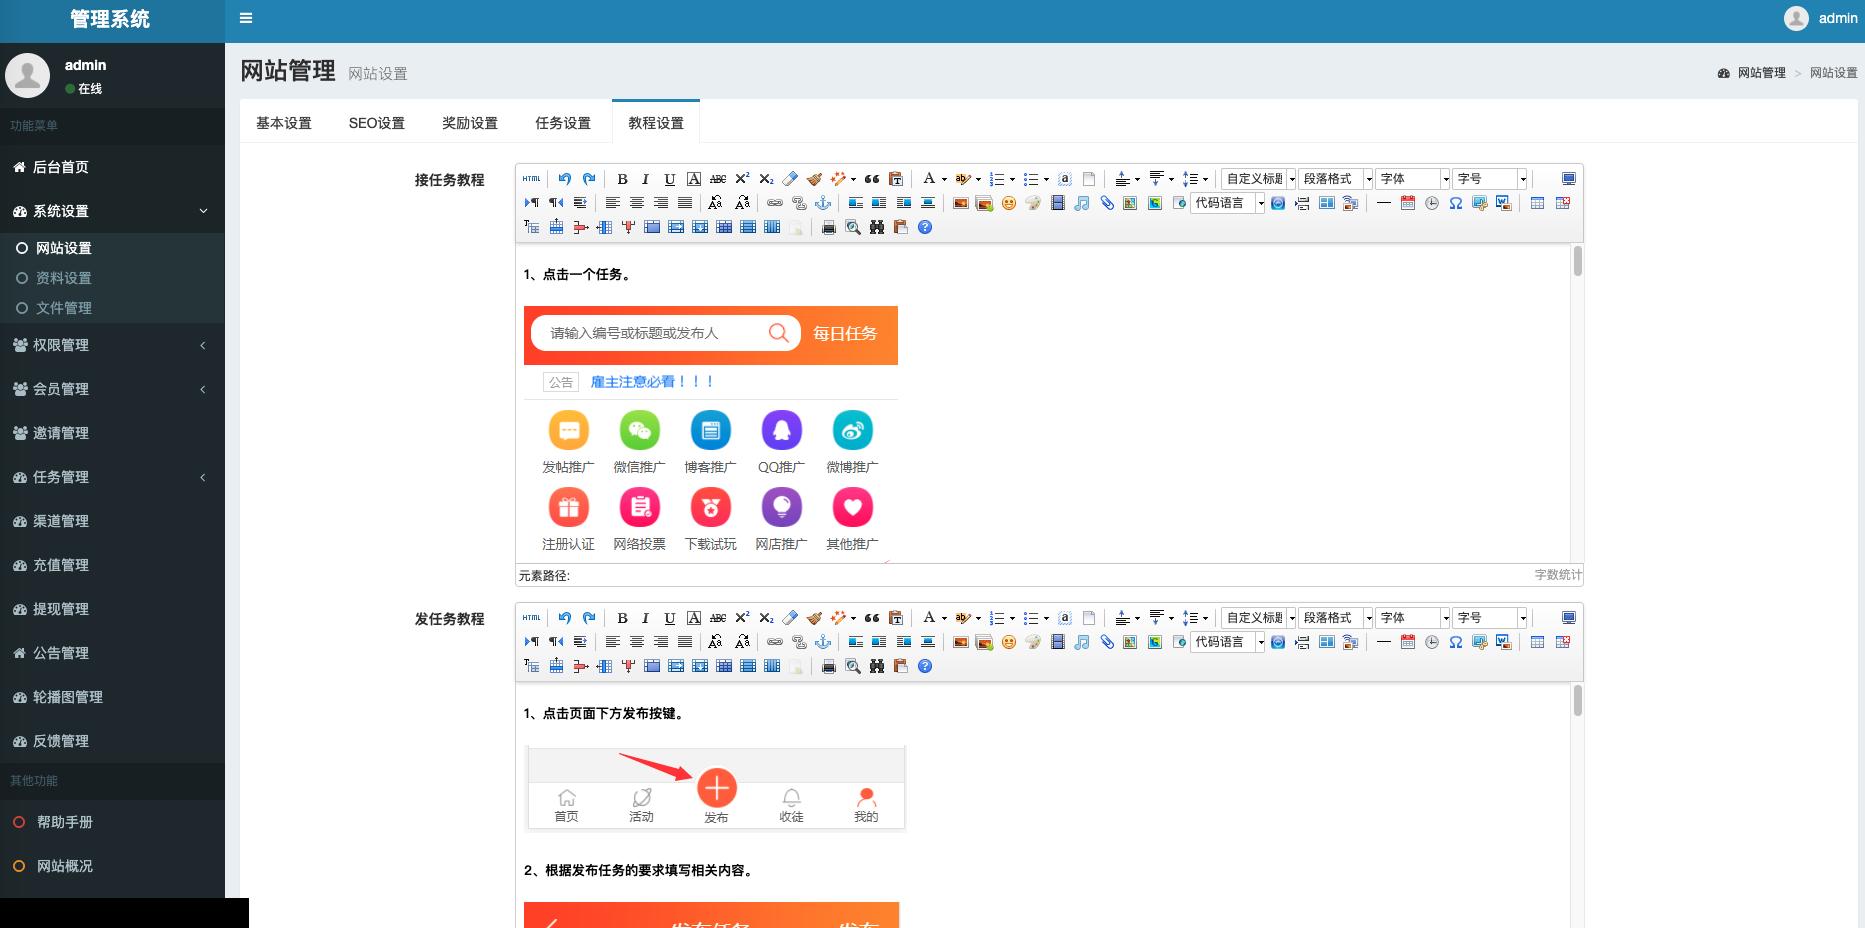 【亲测源码】橙色UI悬赏任务平台系统源码完美运营站长亲测支持封装APP插图2